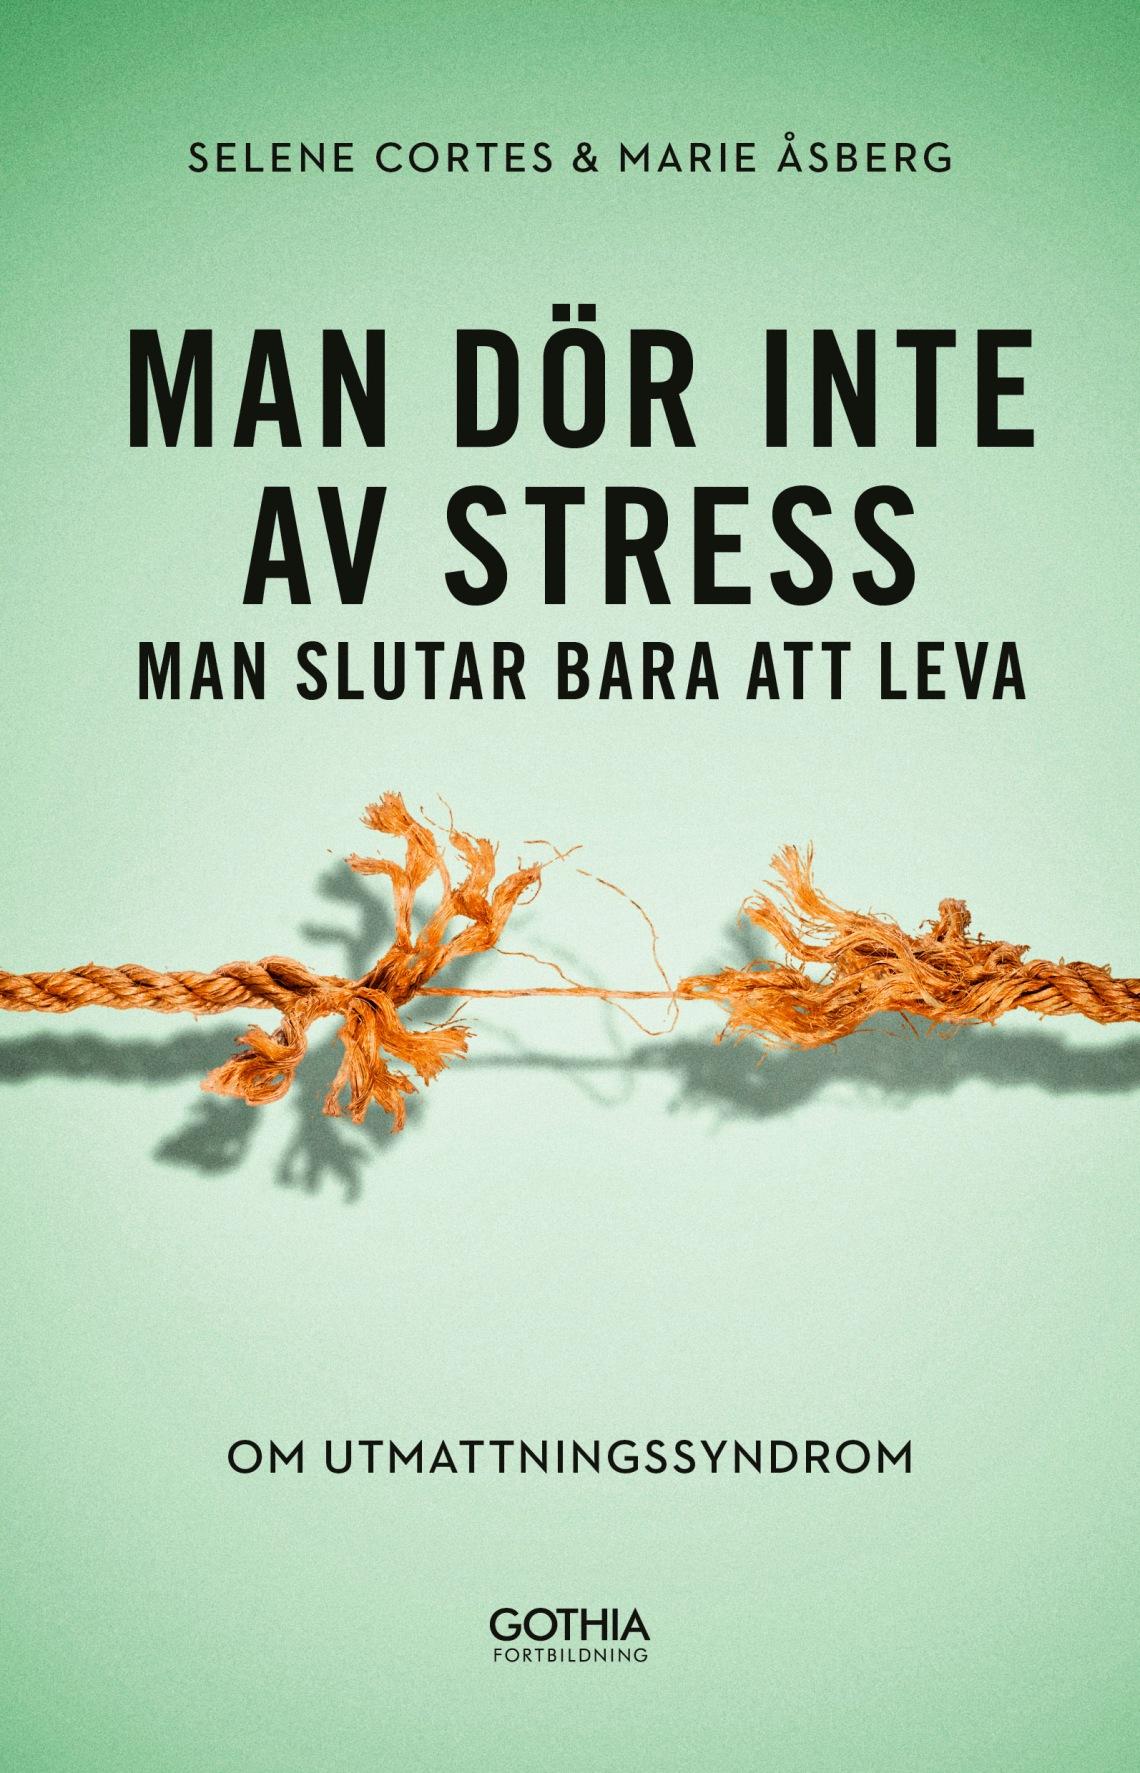 Man dör inte av stress, man slutar bara att leva 77410645.jpg